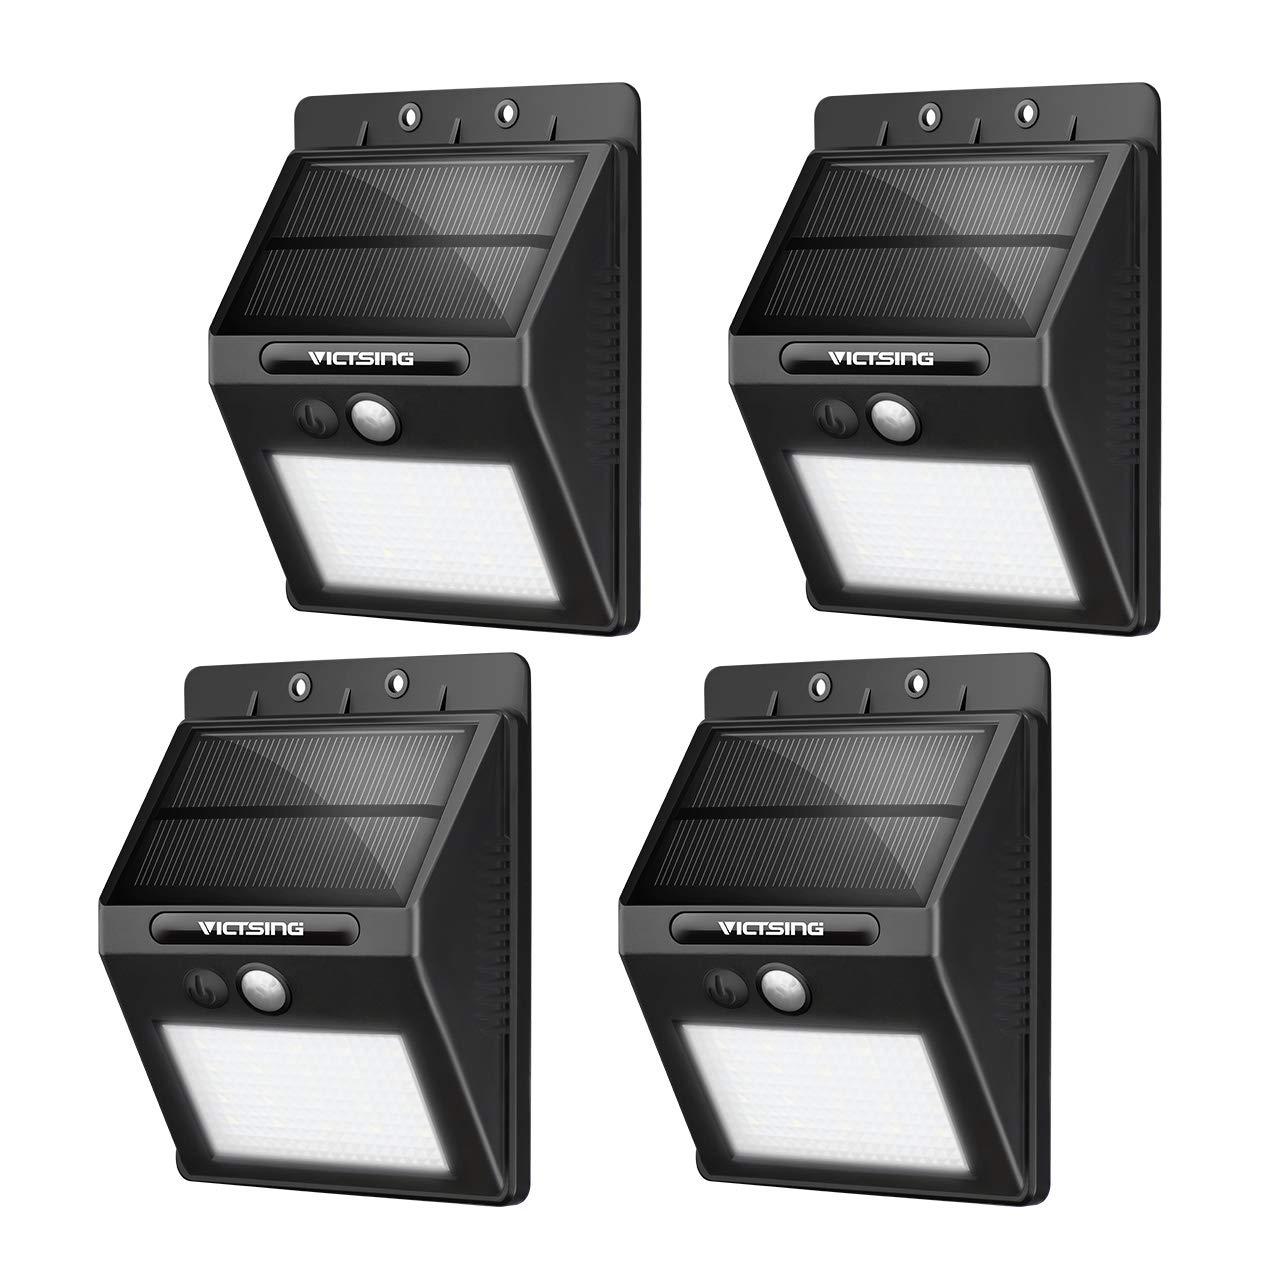 VicTsing Luces Solares LED Exterior, Lámpara Solar con Sensor de Movimiento Impermeable de 400lm, Foco Solar de Pared para Jardín, Garaje, Camino, Patio, 4 Piezas product image